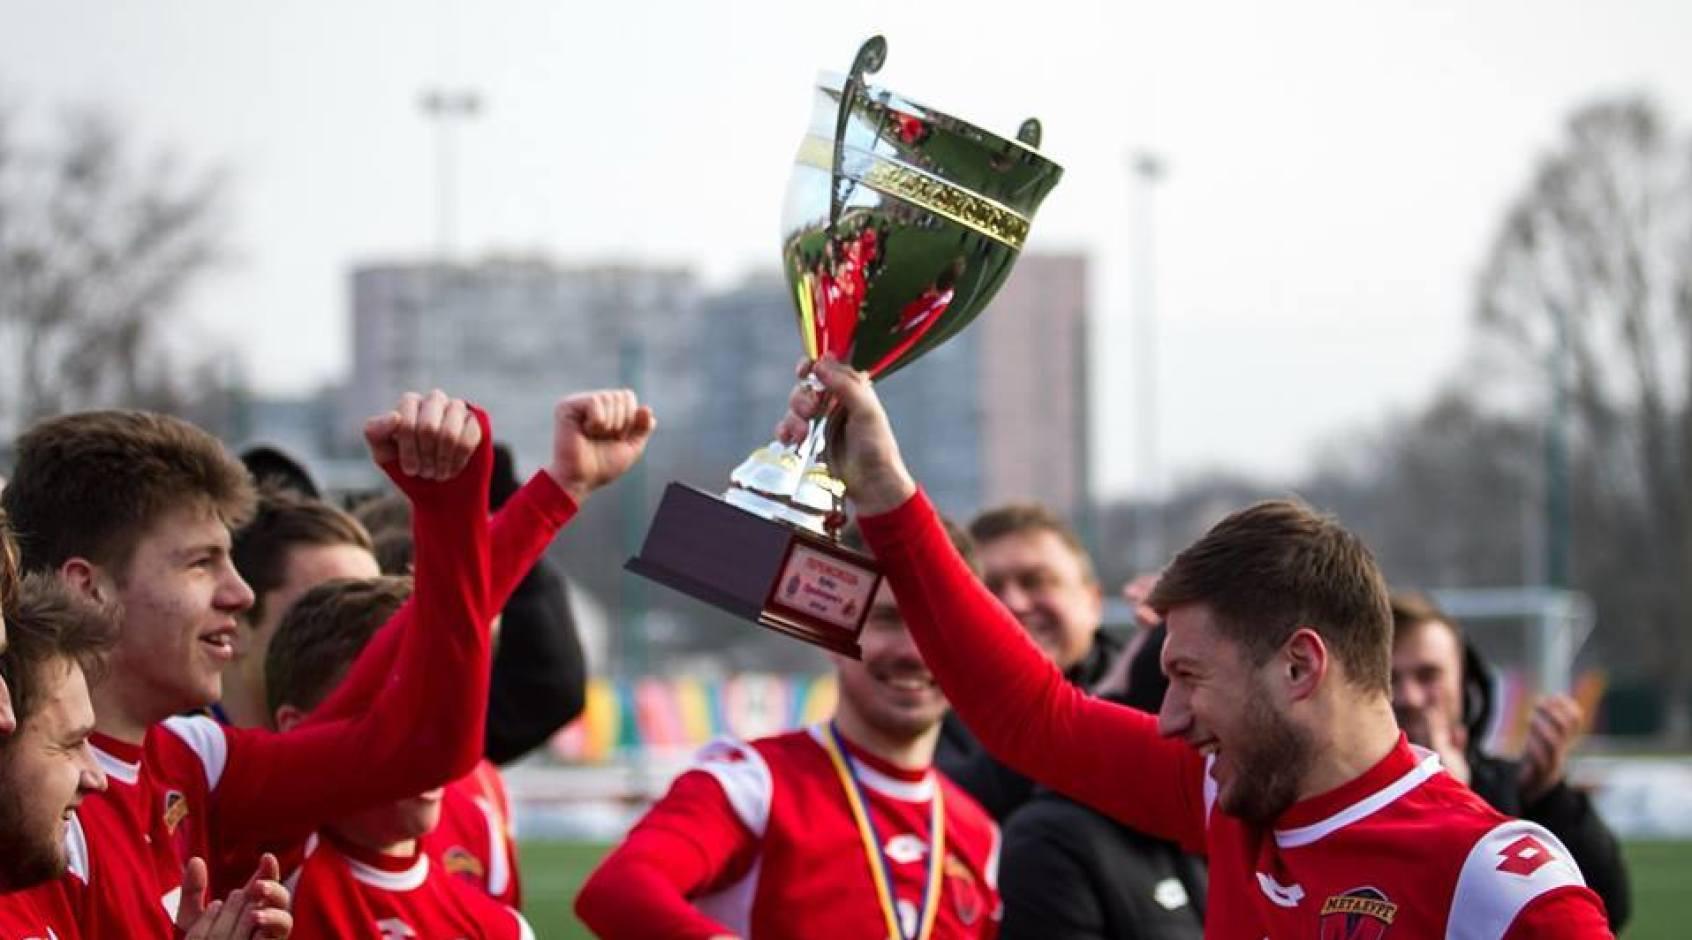 Кубок Єдності: 9 січня у Дніпрі стартує популярний турнір